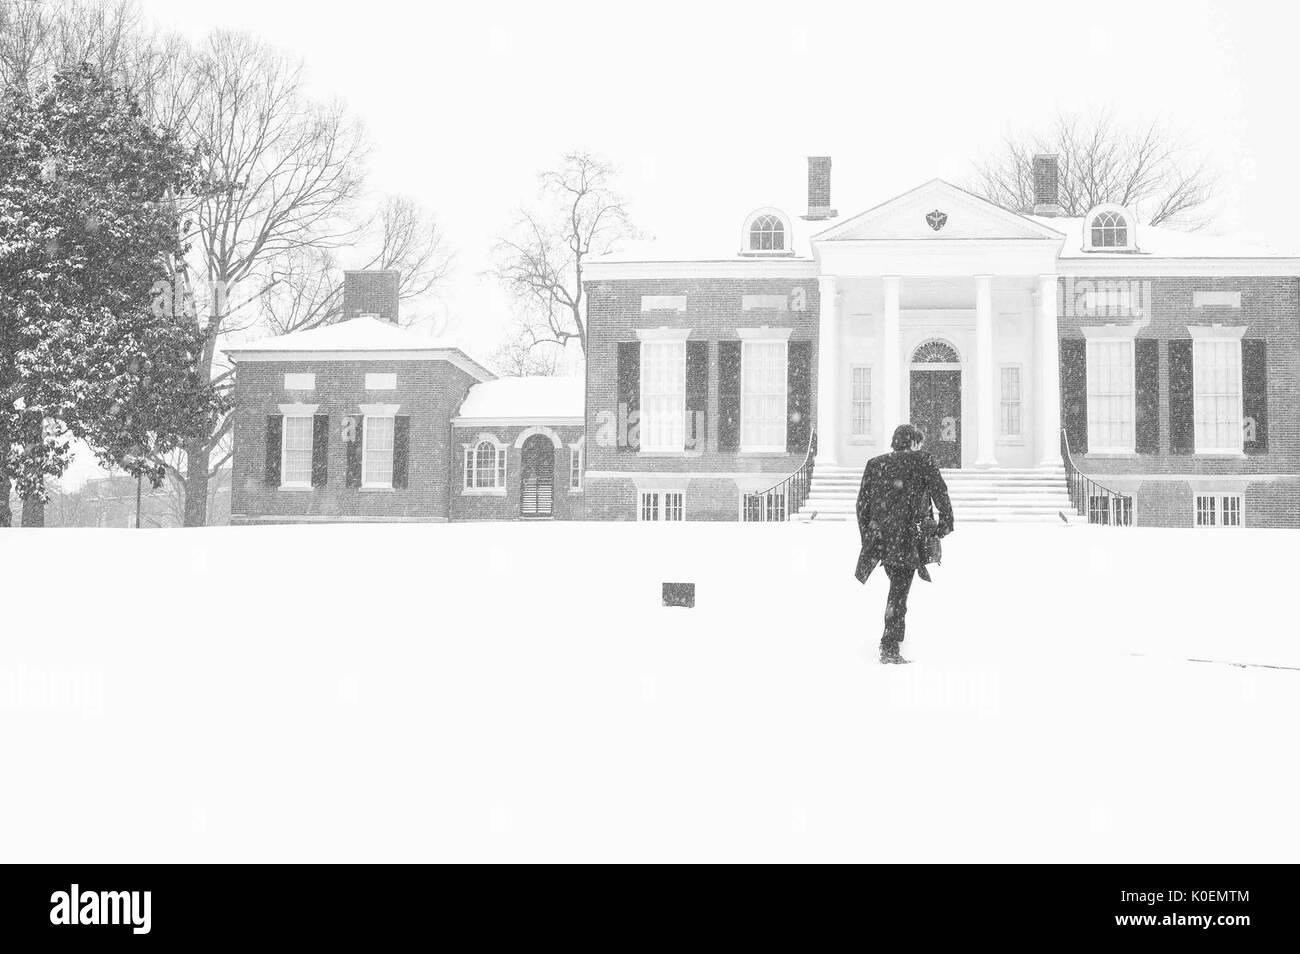 Un uomo cammina fino al Homewood Museum, le cui collezioni comprendono fine e arti decorative che ricorda quello degli inizi del XIX secolo la vita di Baltimora, coperti di neve Homewood campus della Johns Hopkins University di Baltimore, Maryland, 1996. La cortesia Eric Chen. Immagini Stock